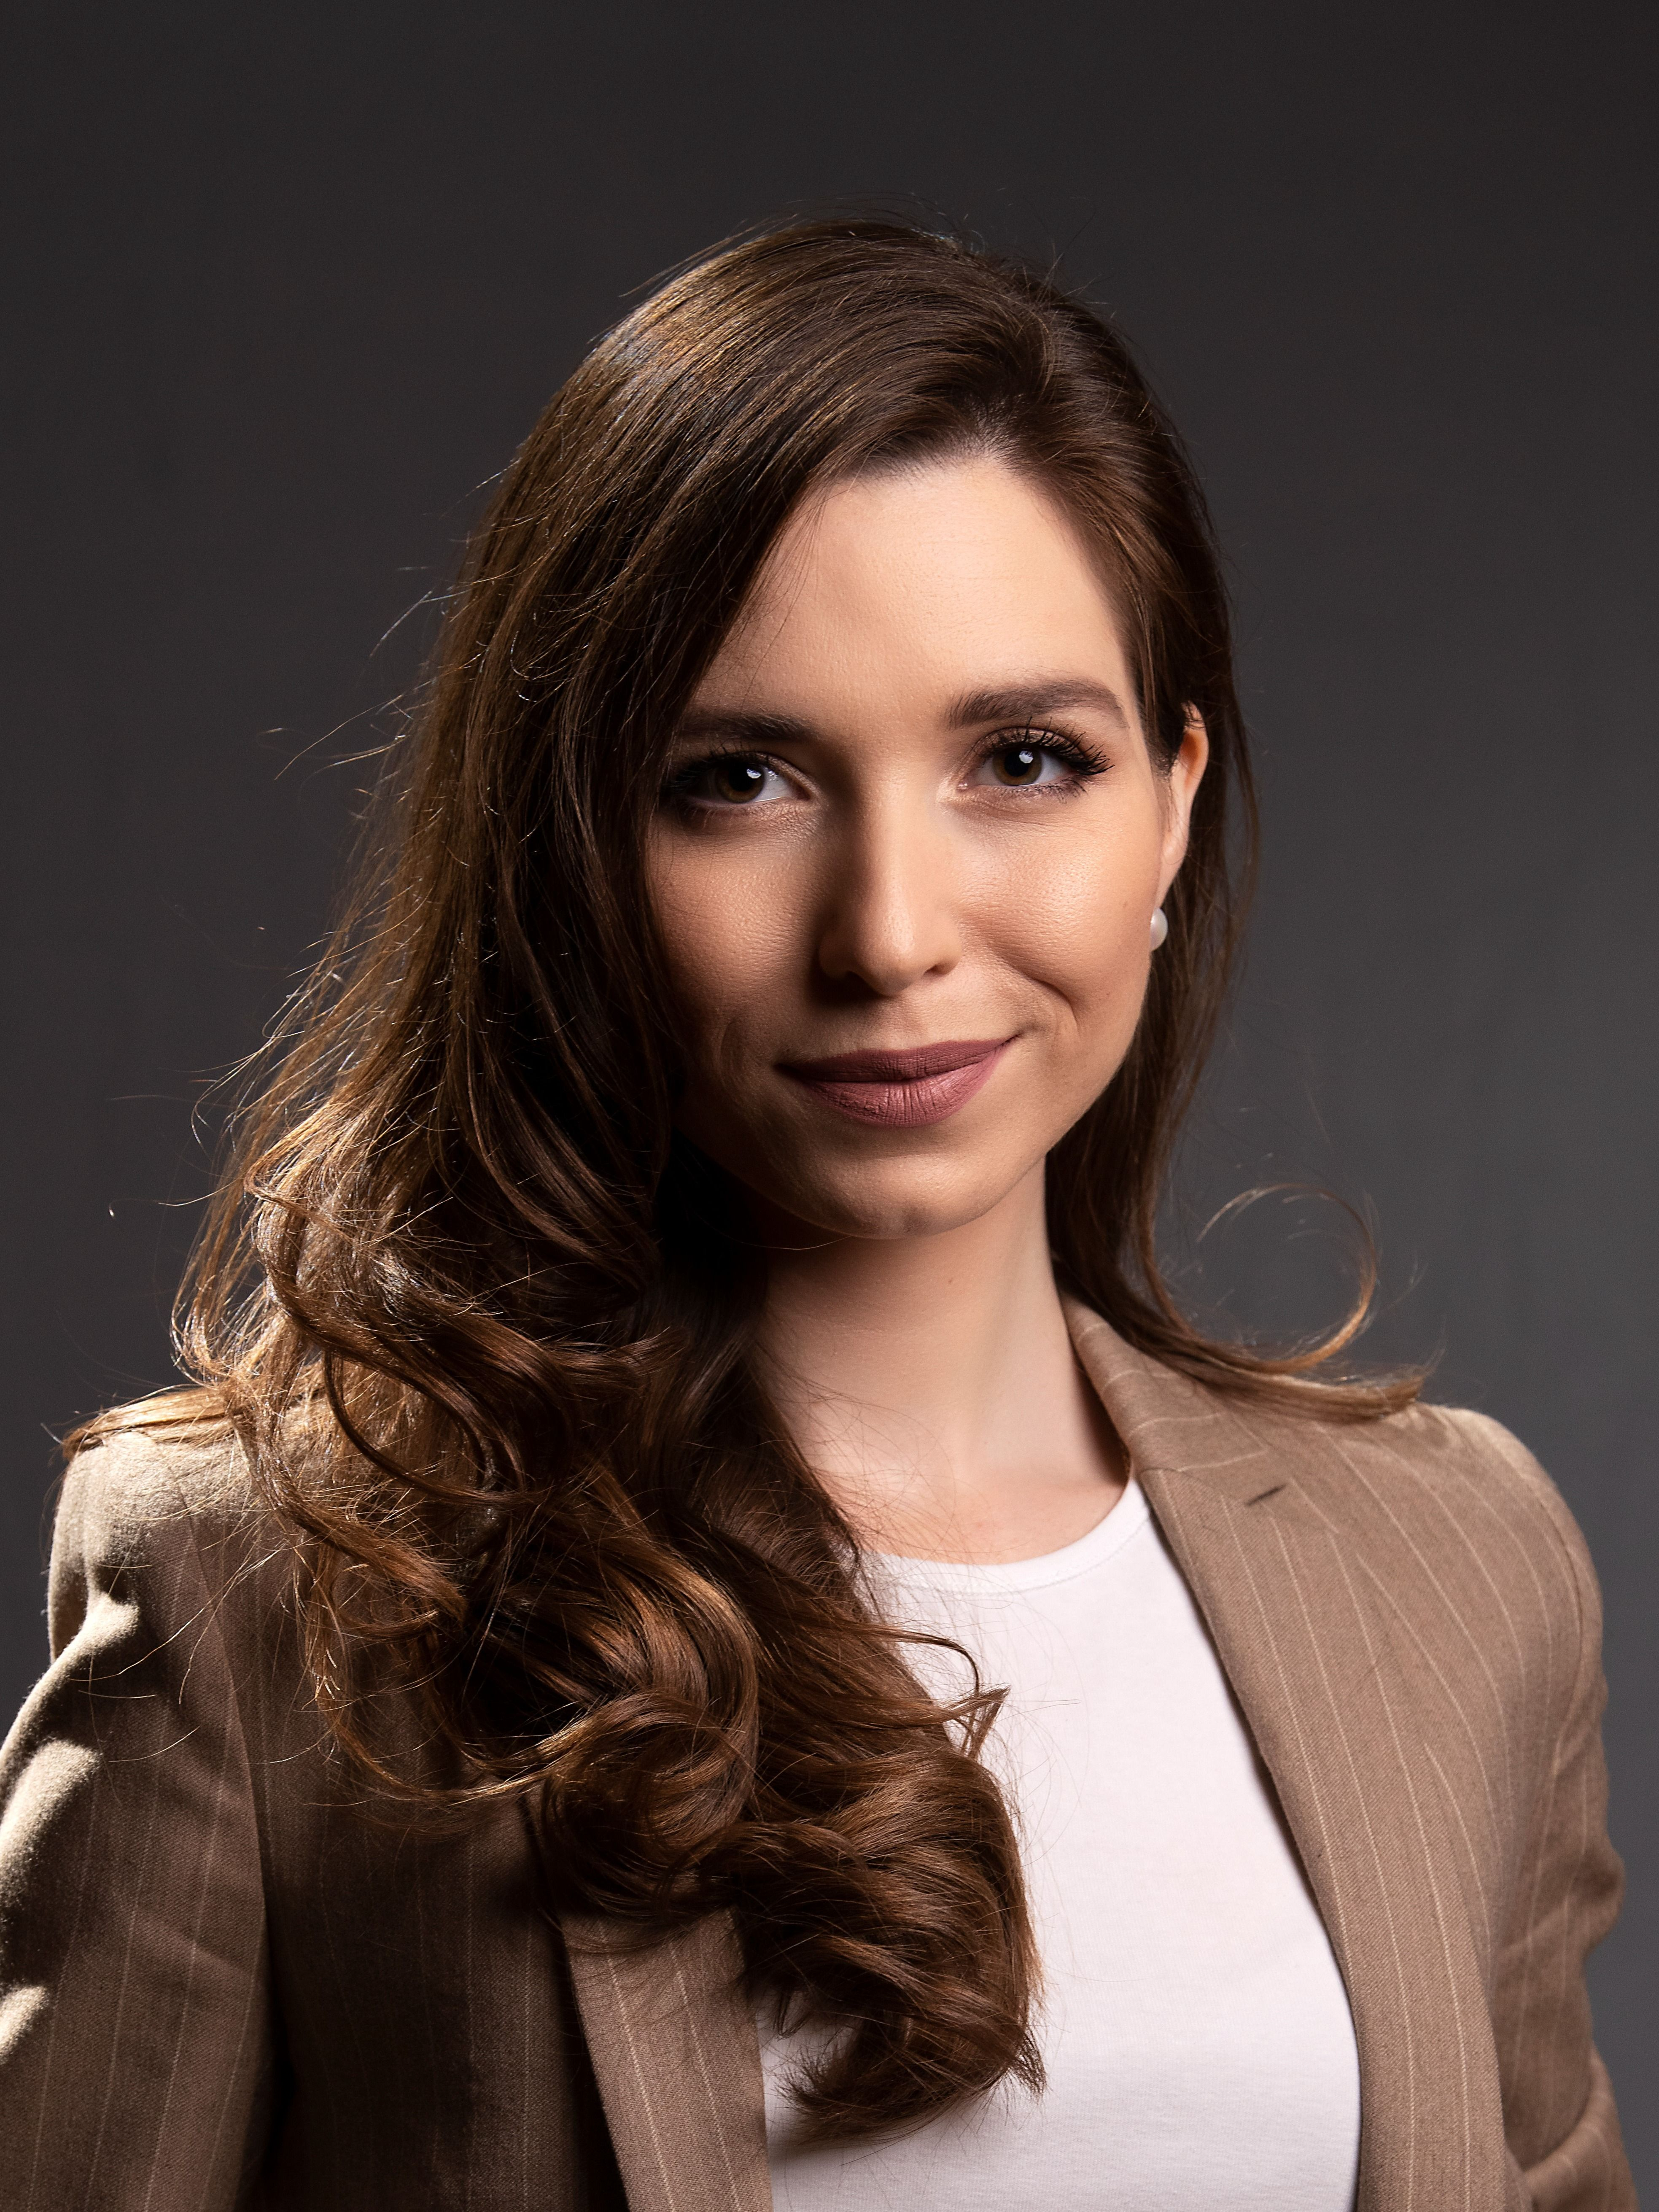 Ioana Mitu